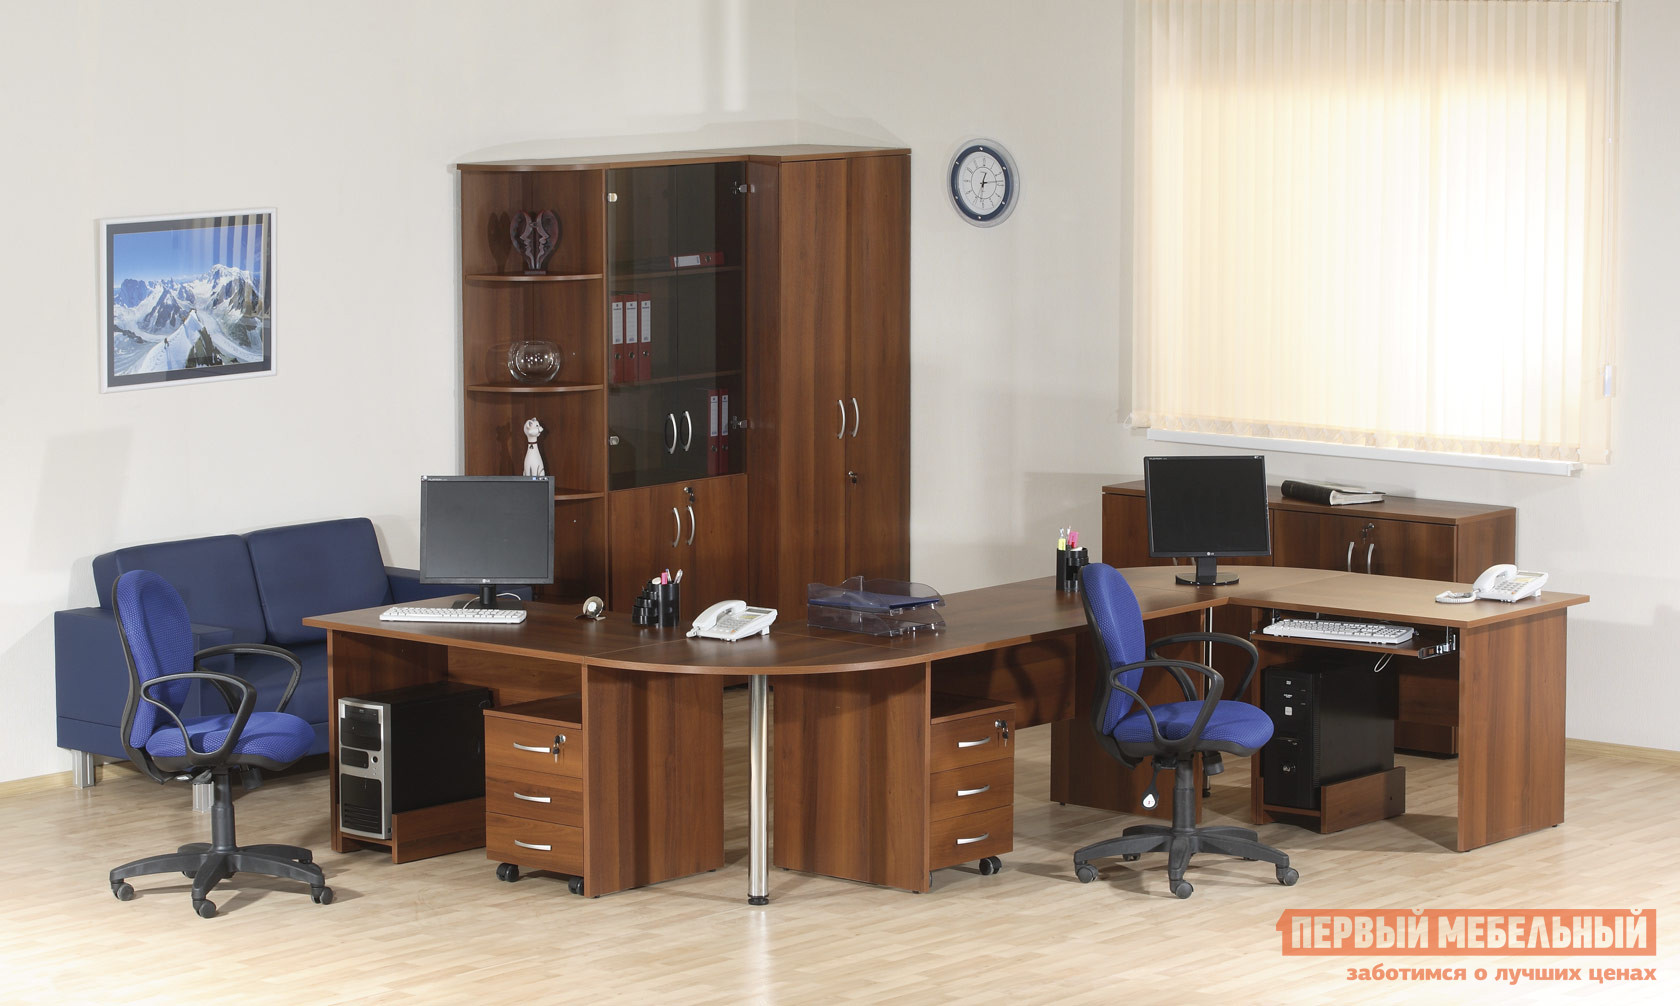 Комплект офисной мебели Витра Альфа К1 комплект детской мебели мебельсон колледж к1